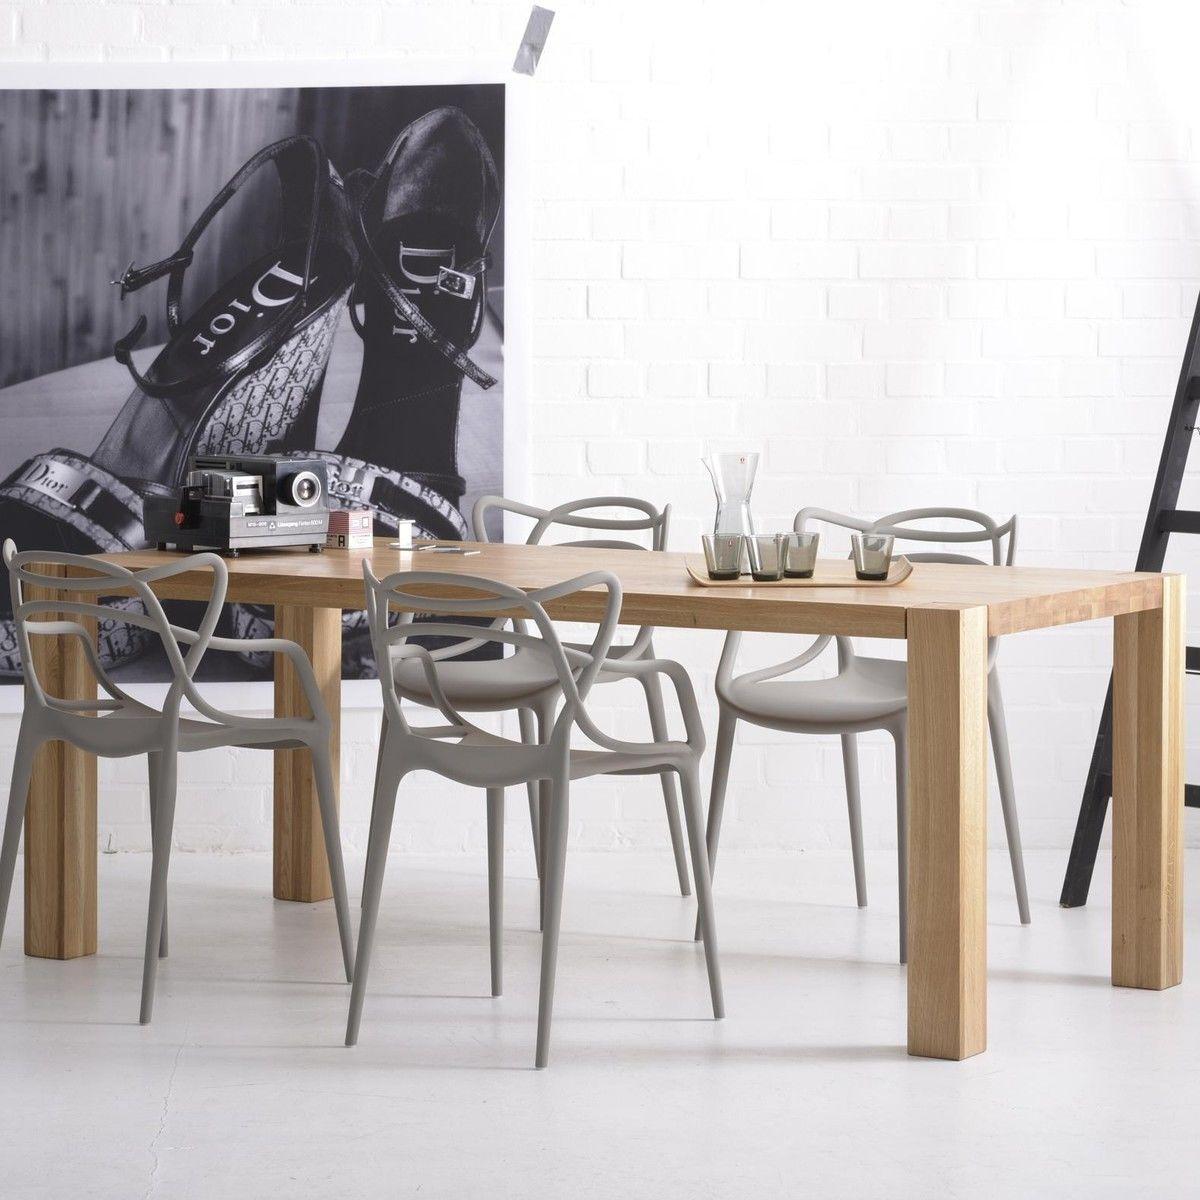 Mr big table de salle manger bois massif adwood - Table de salle a manger en bois massif ...